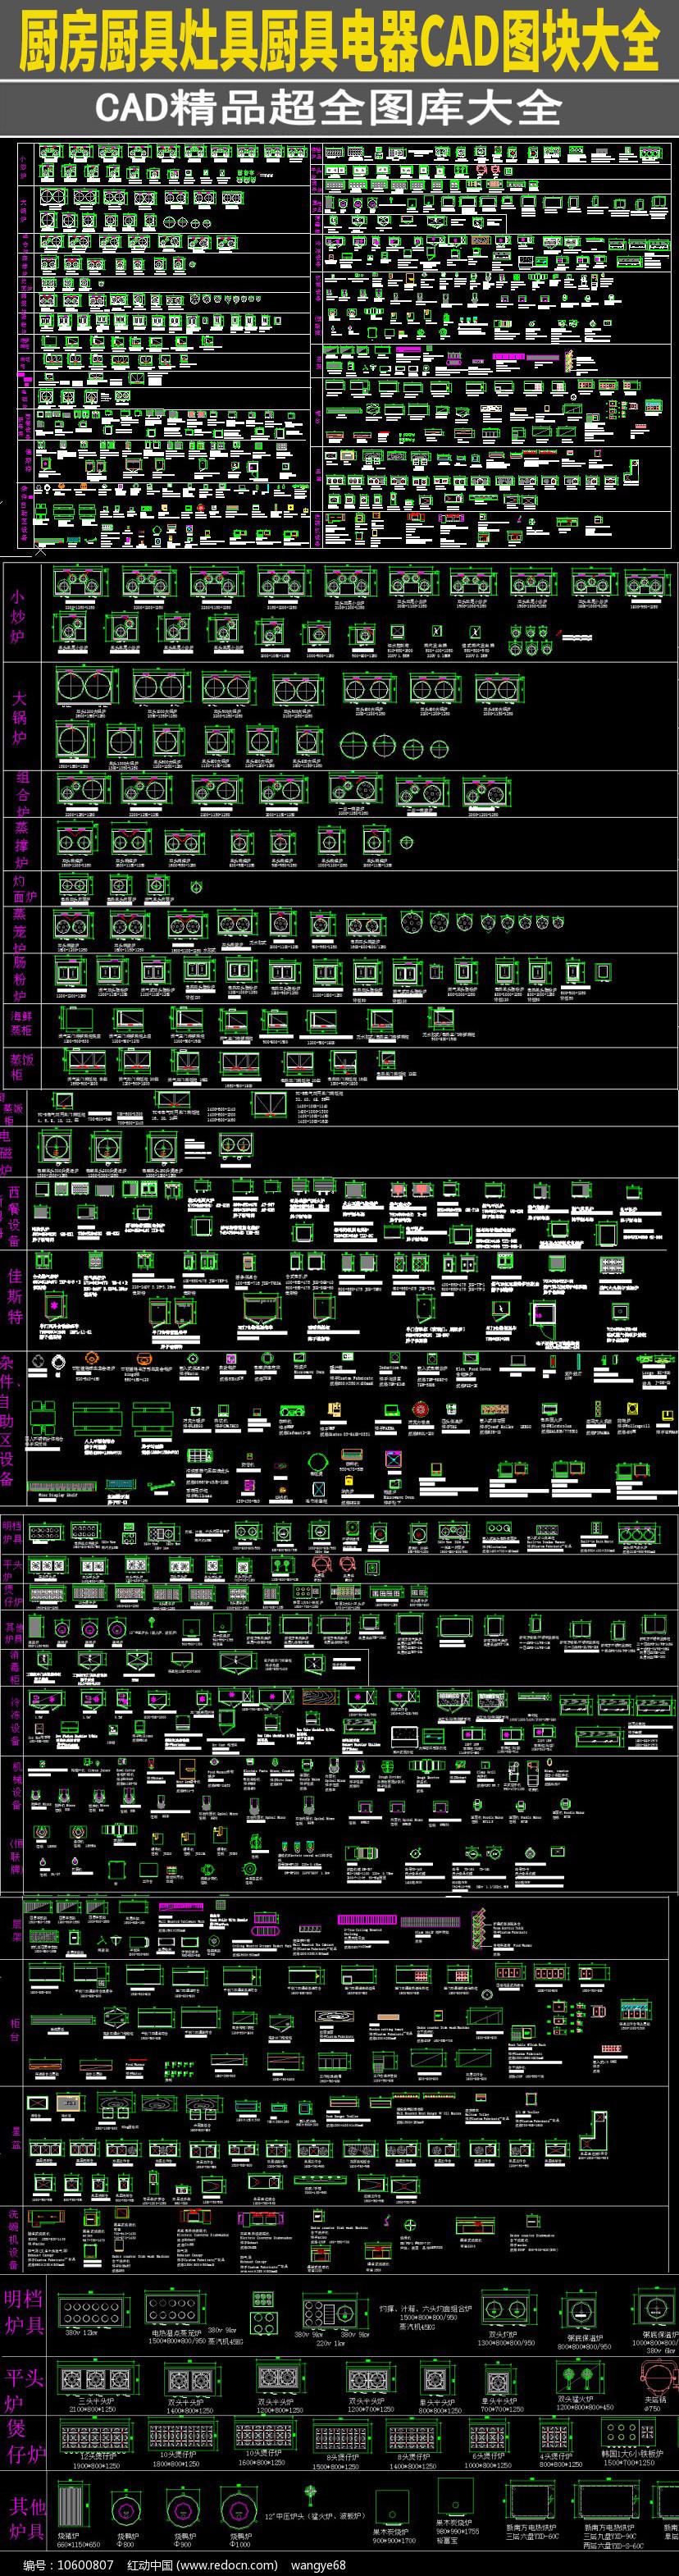 厨房厨具灶具厨具电器CAD图块大全图片